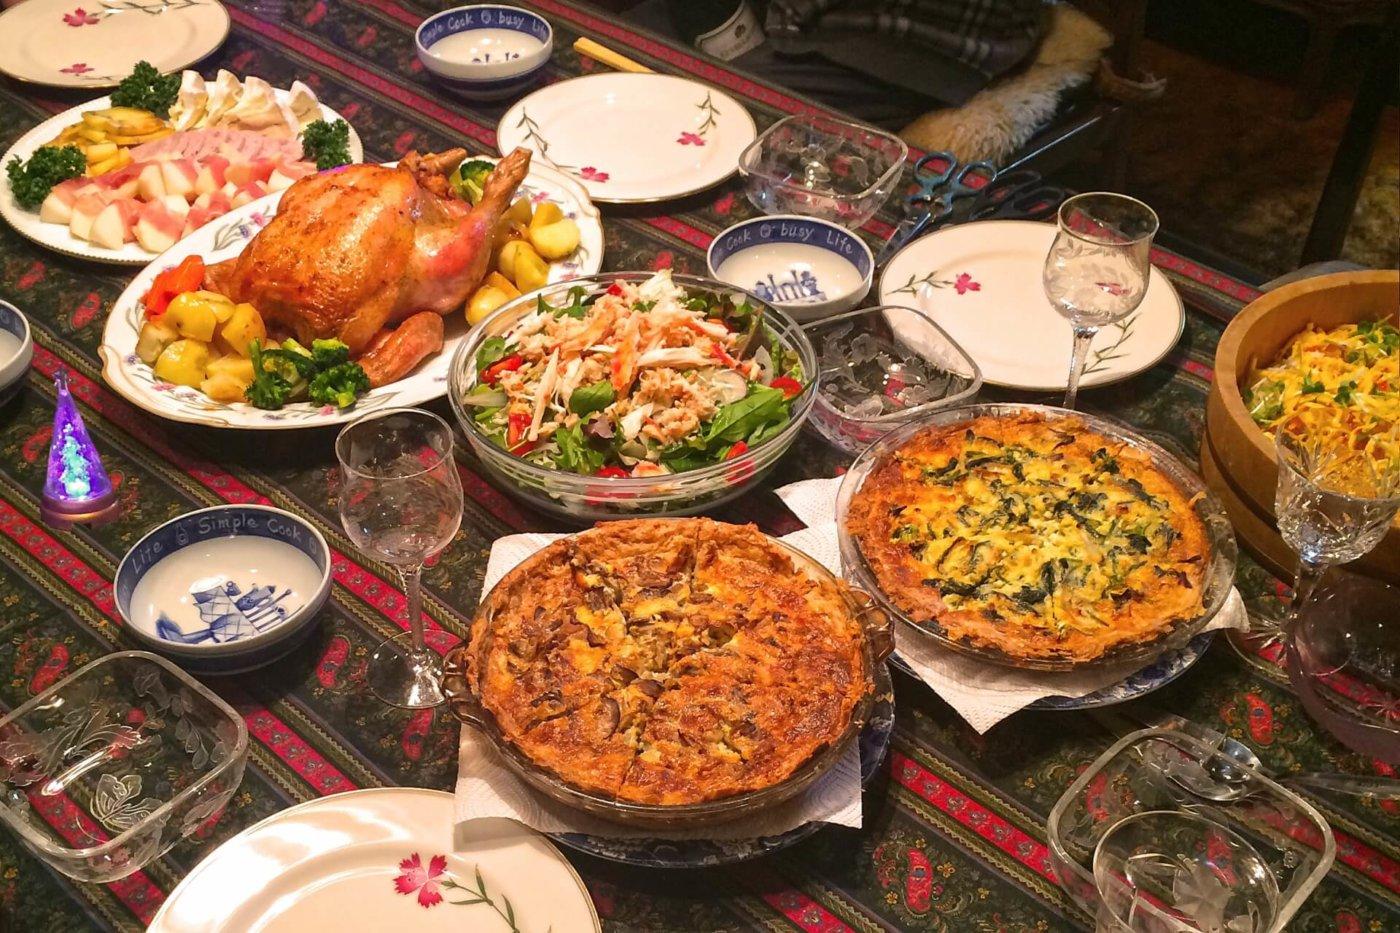 料理を持ち寄って、クリスマスパーティをしましょう